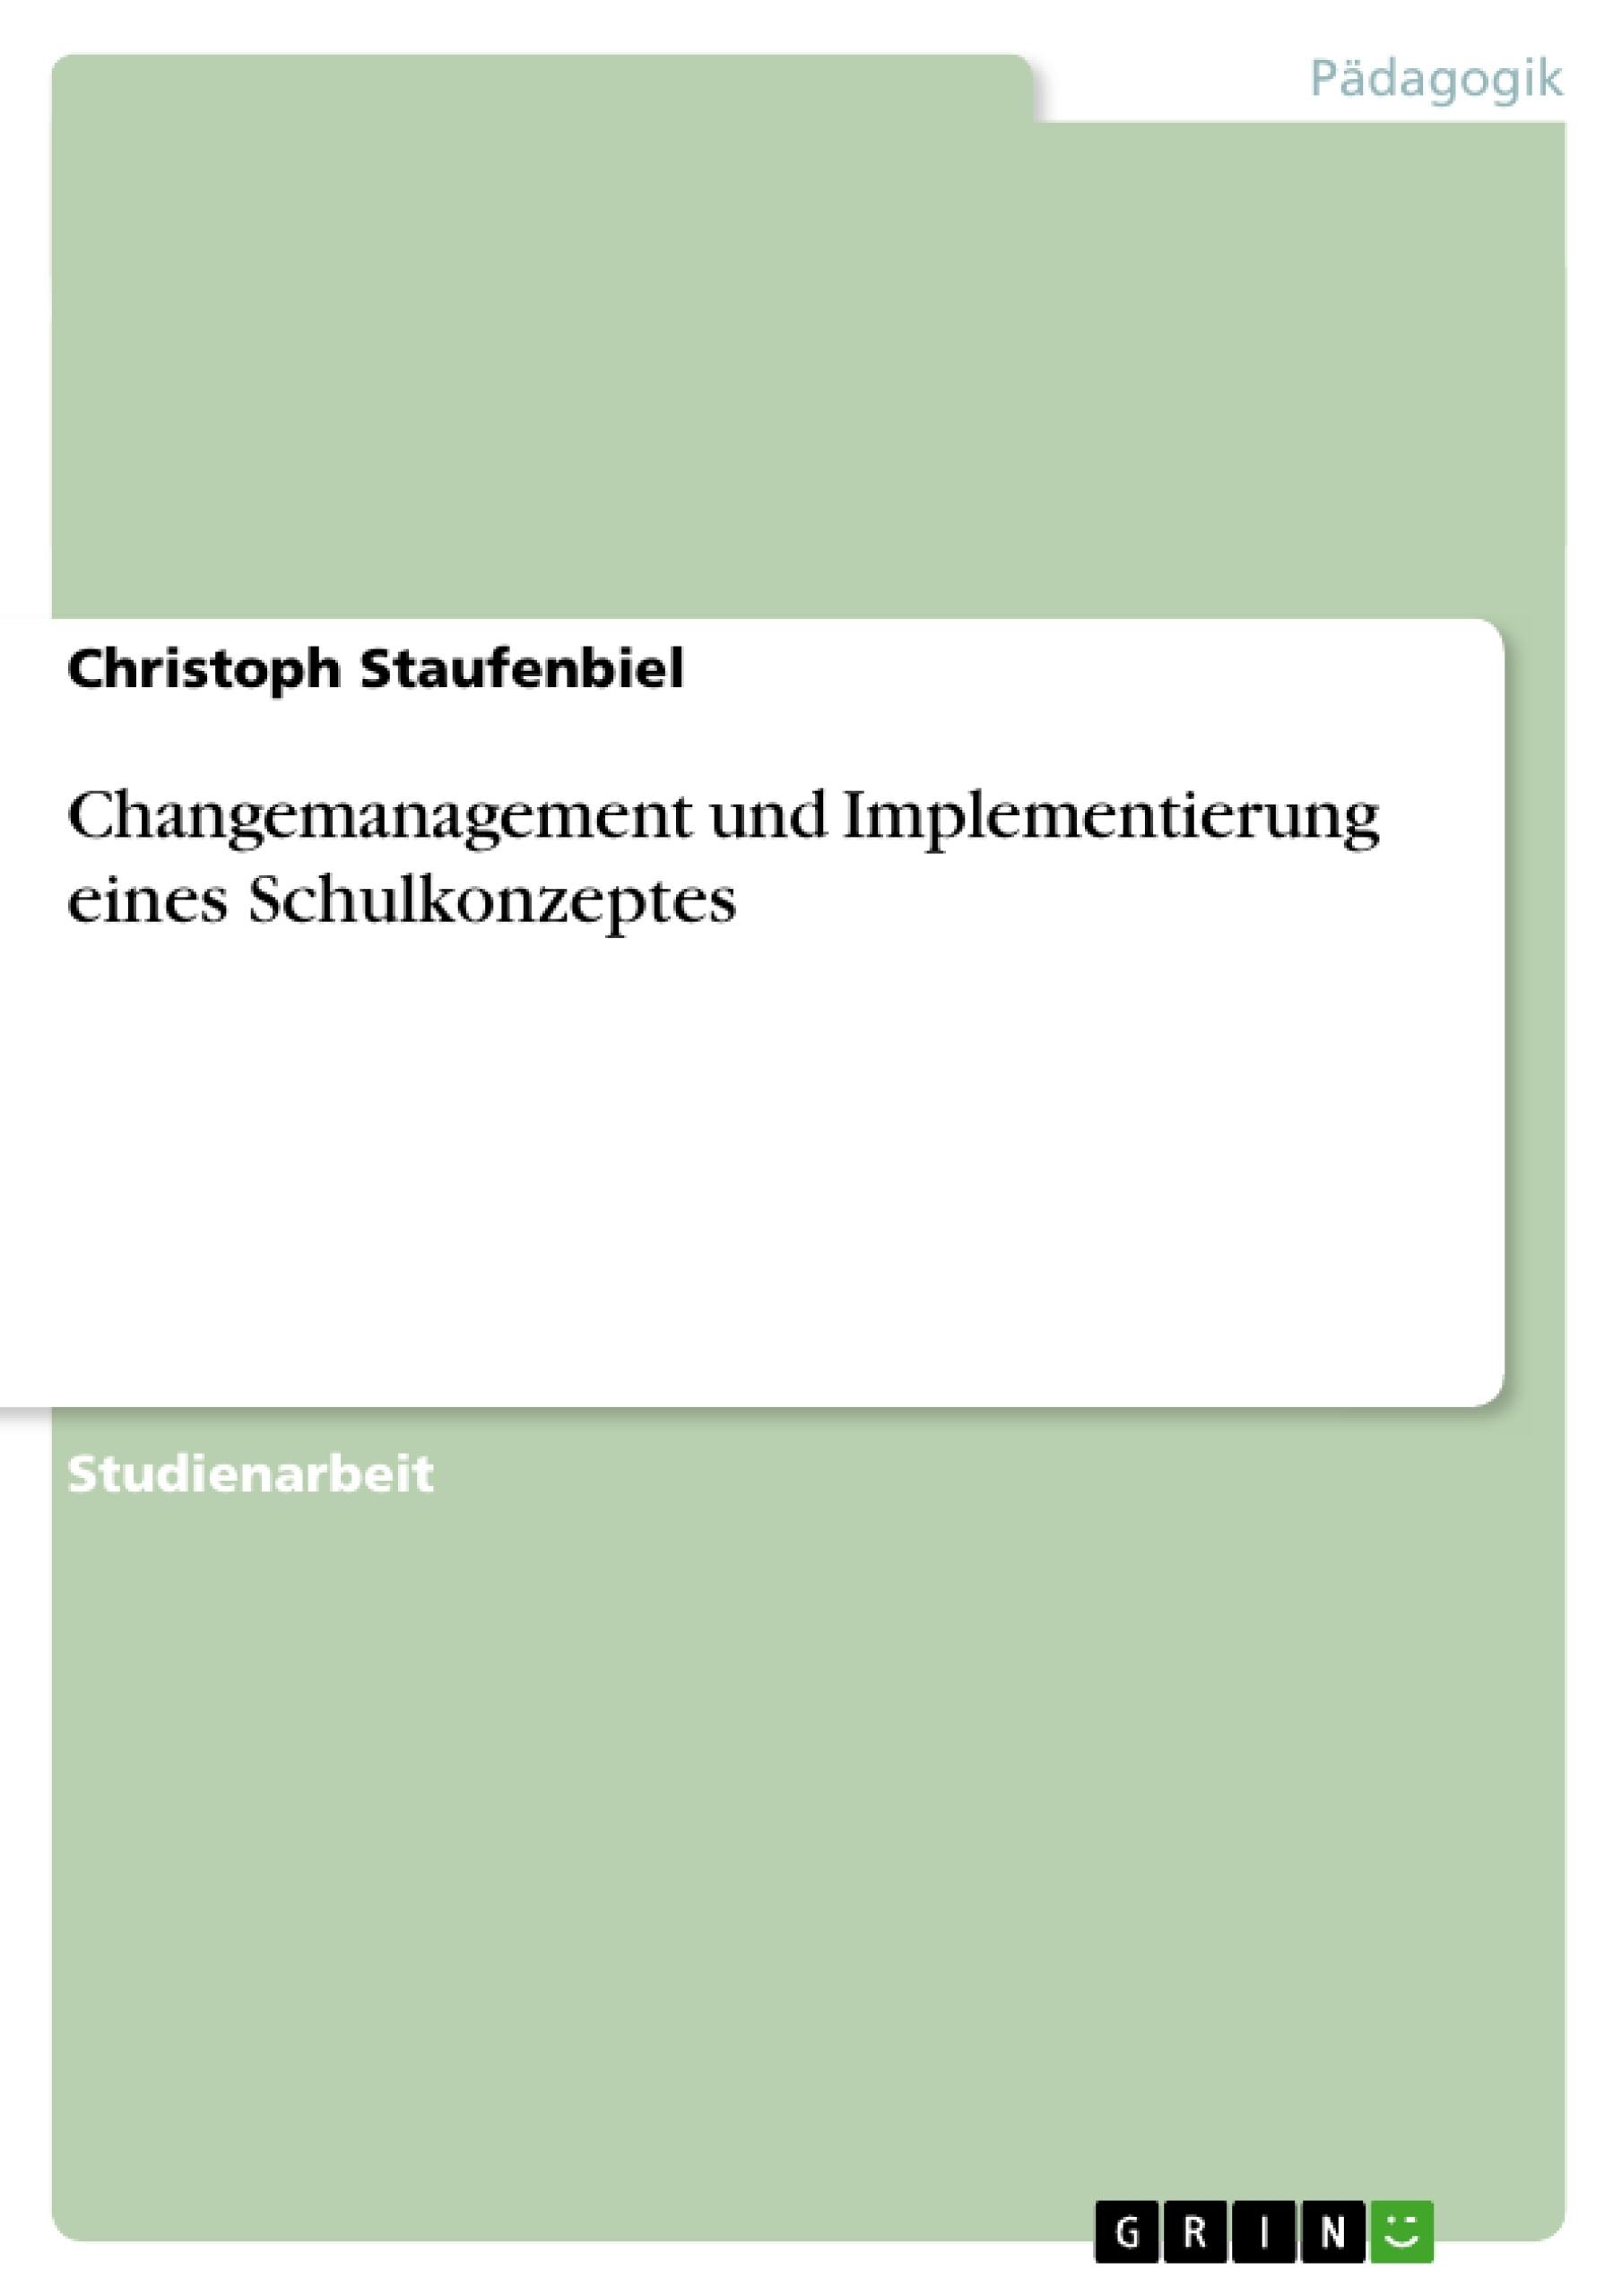 Titel: Changemanagement und Implementierung eines Schulkonzeptes